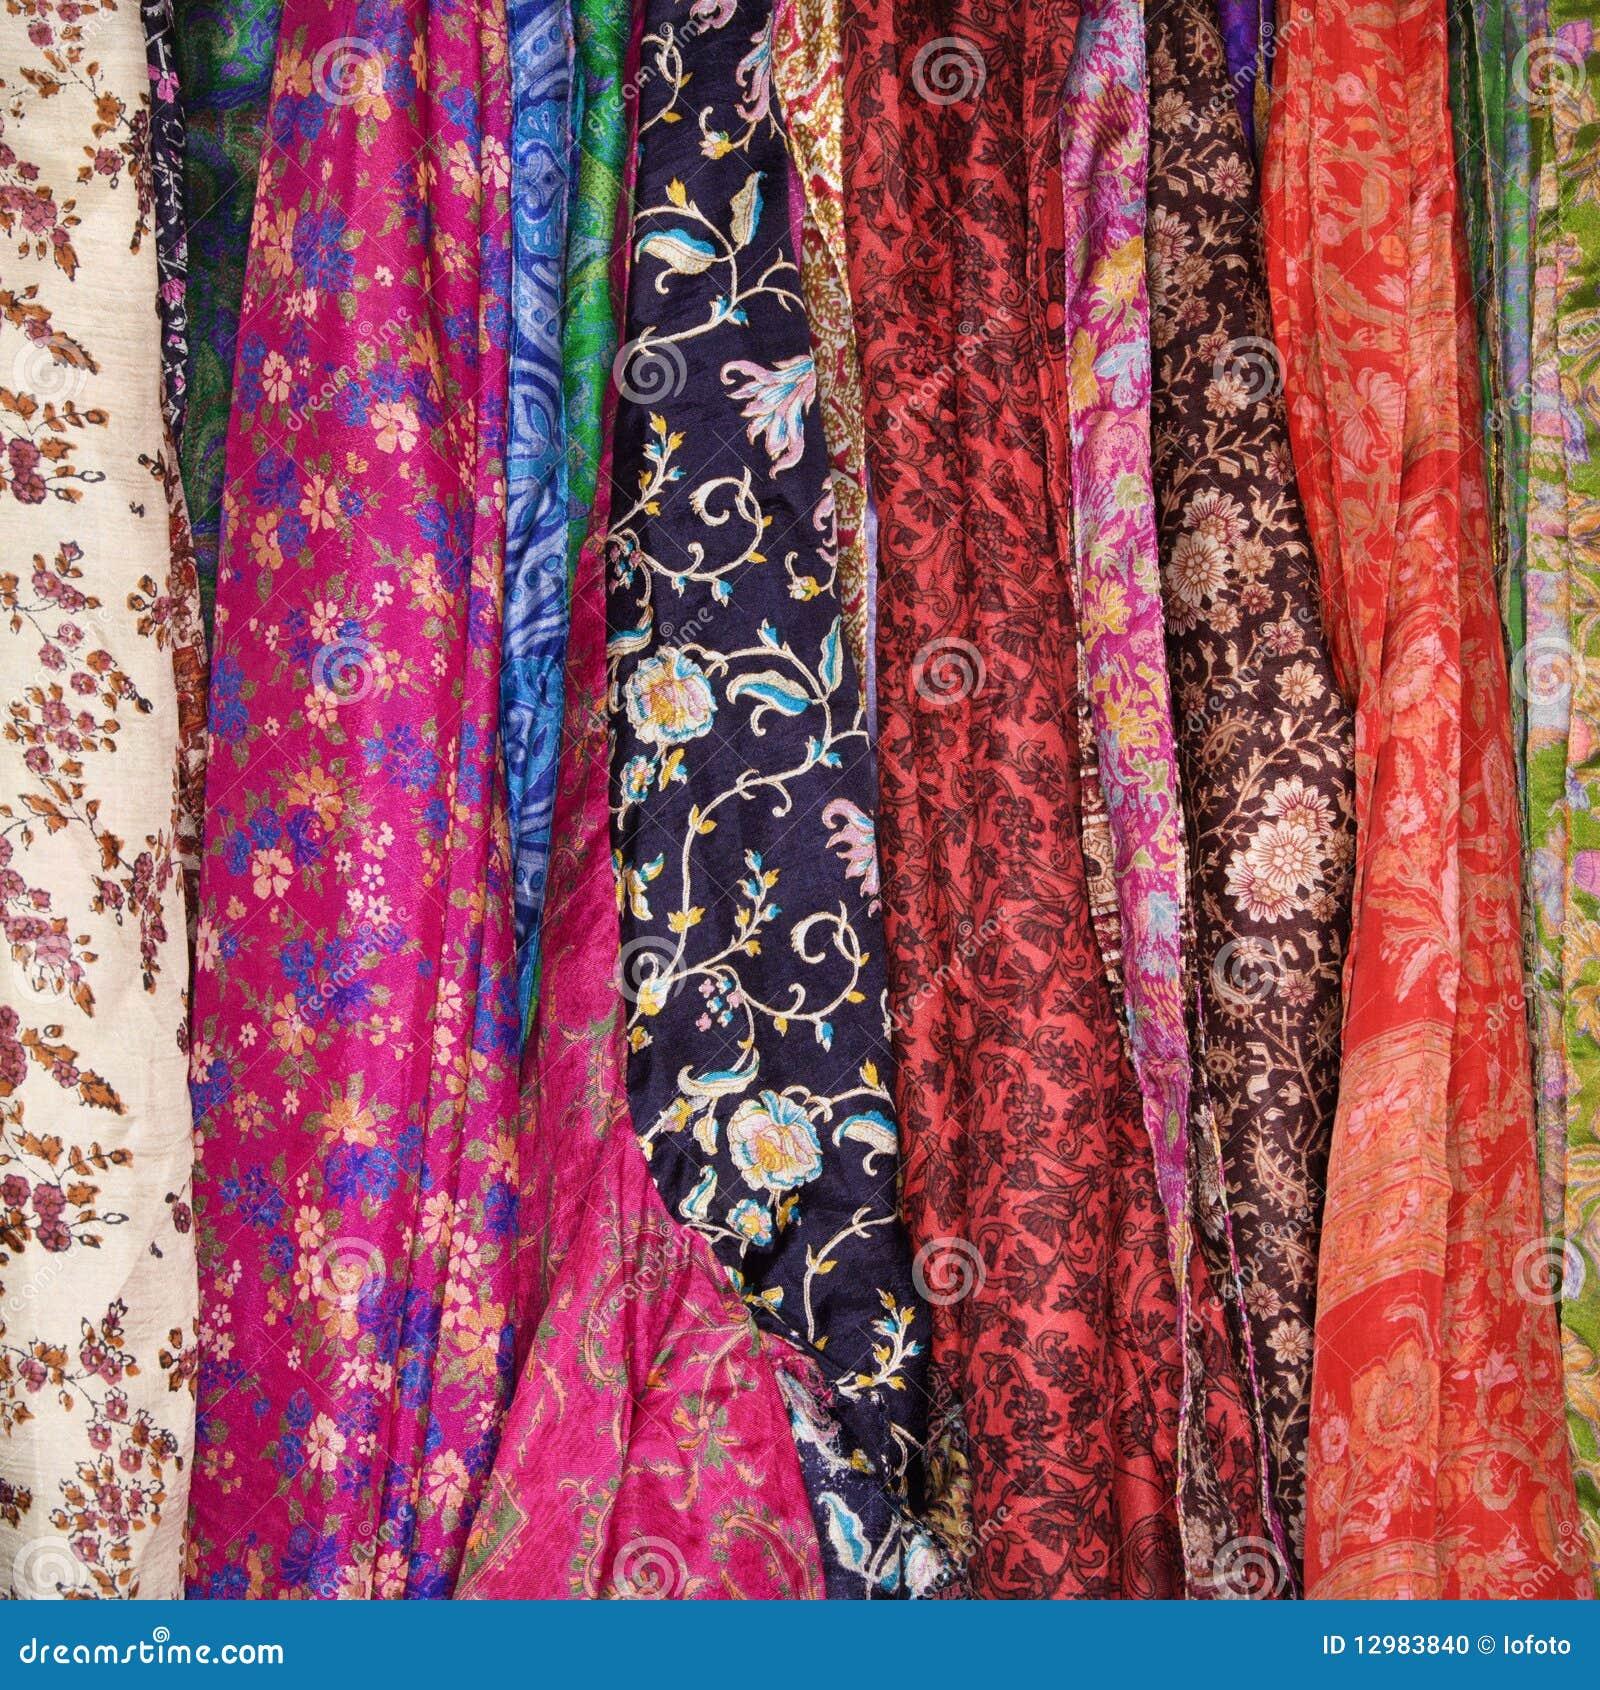 Más imágenes similares de ` Tela y bufandas coloridas `